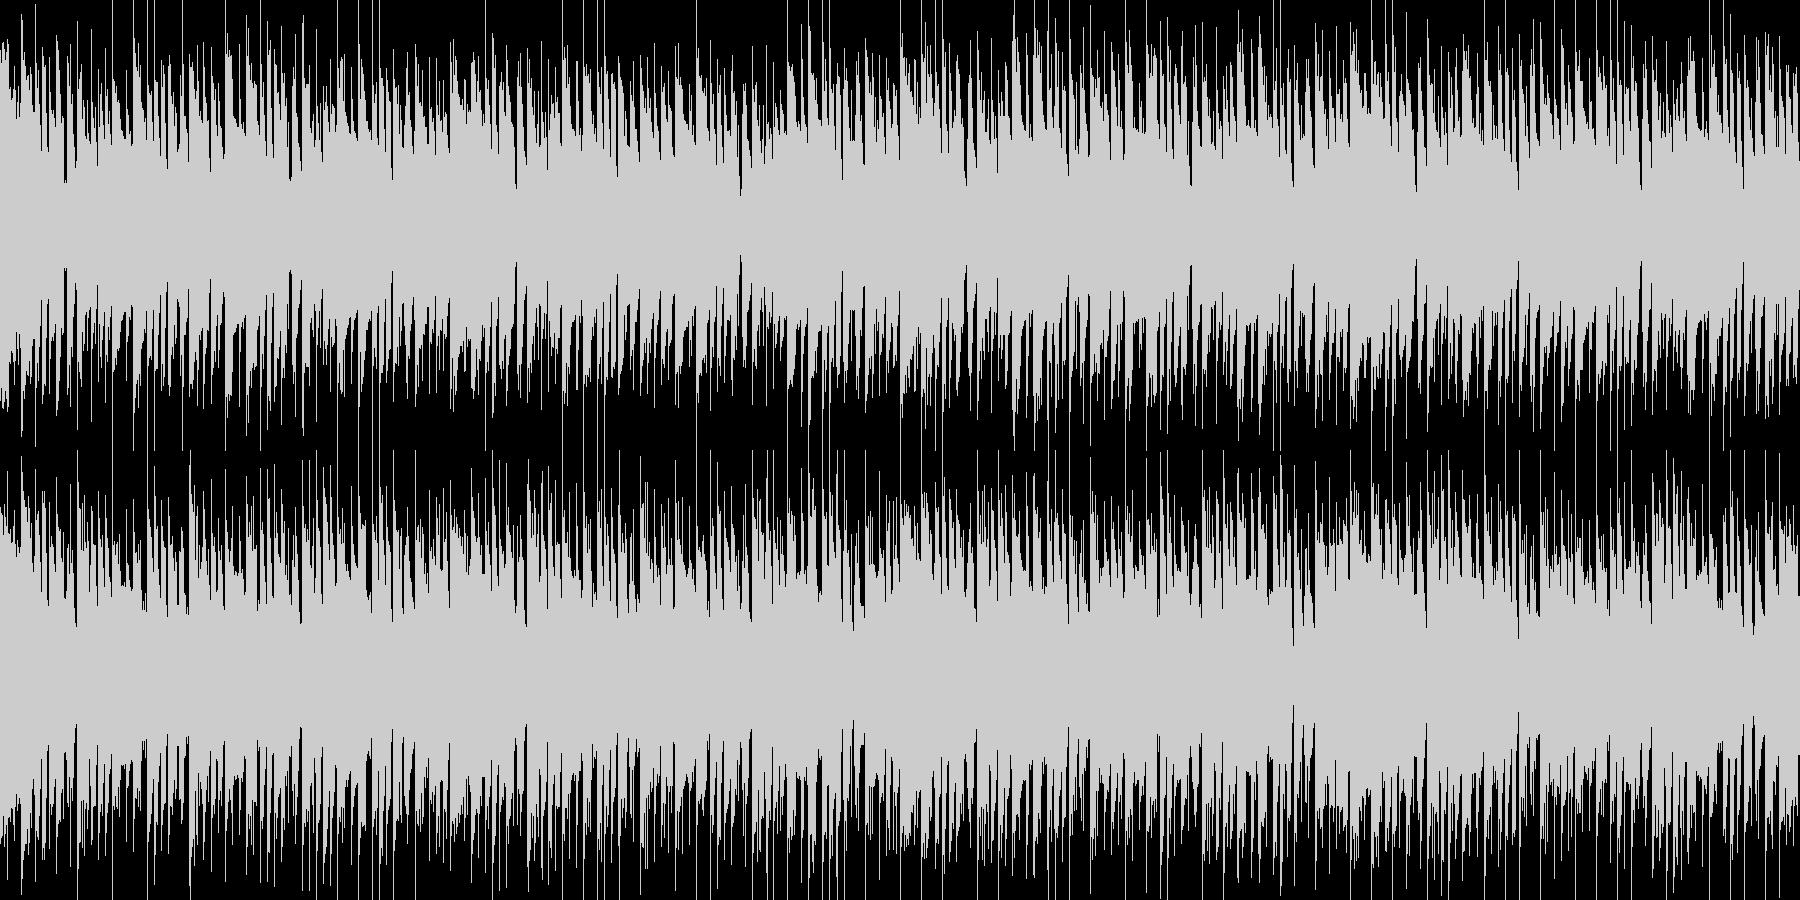 ポップで可愛らしいBGMの未再生の波形